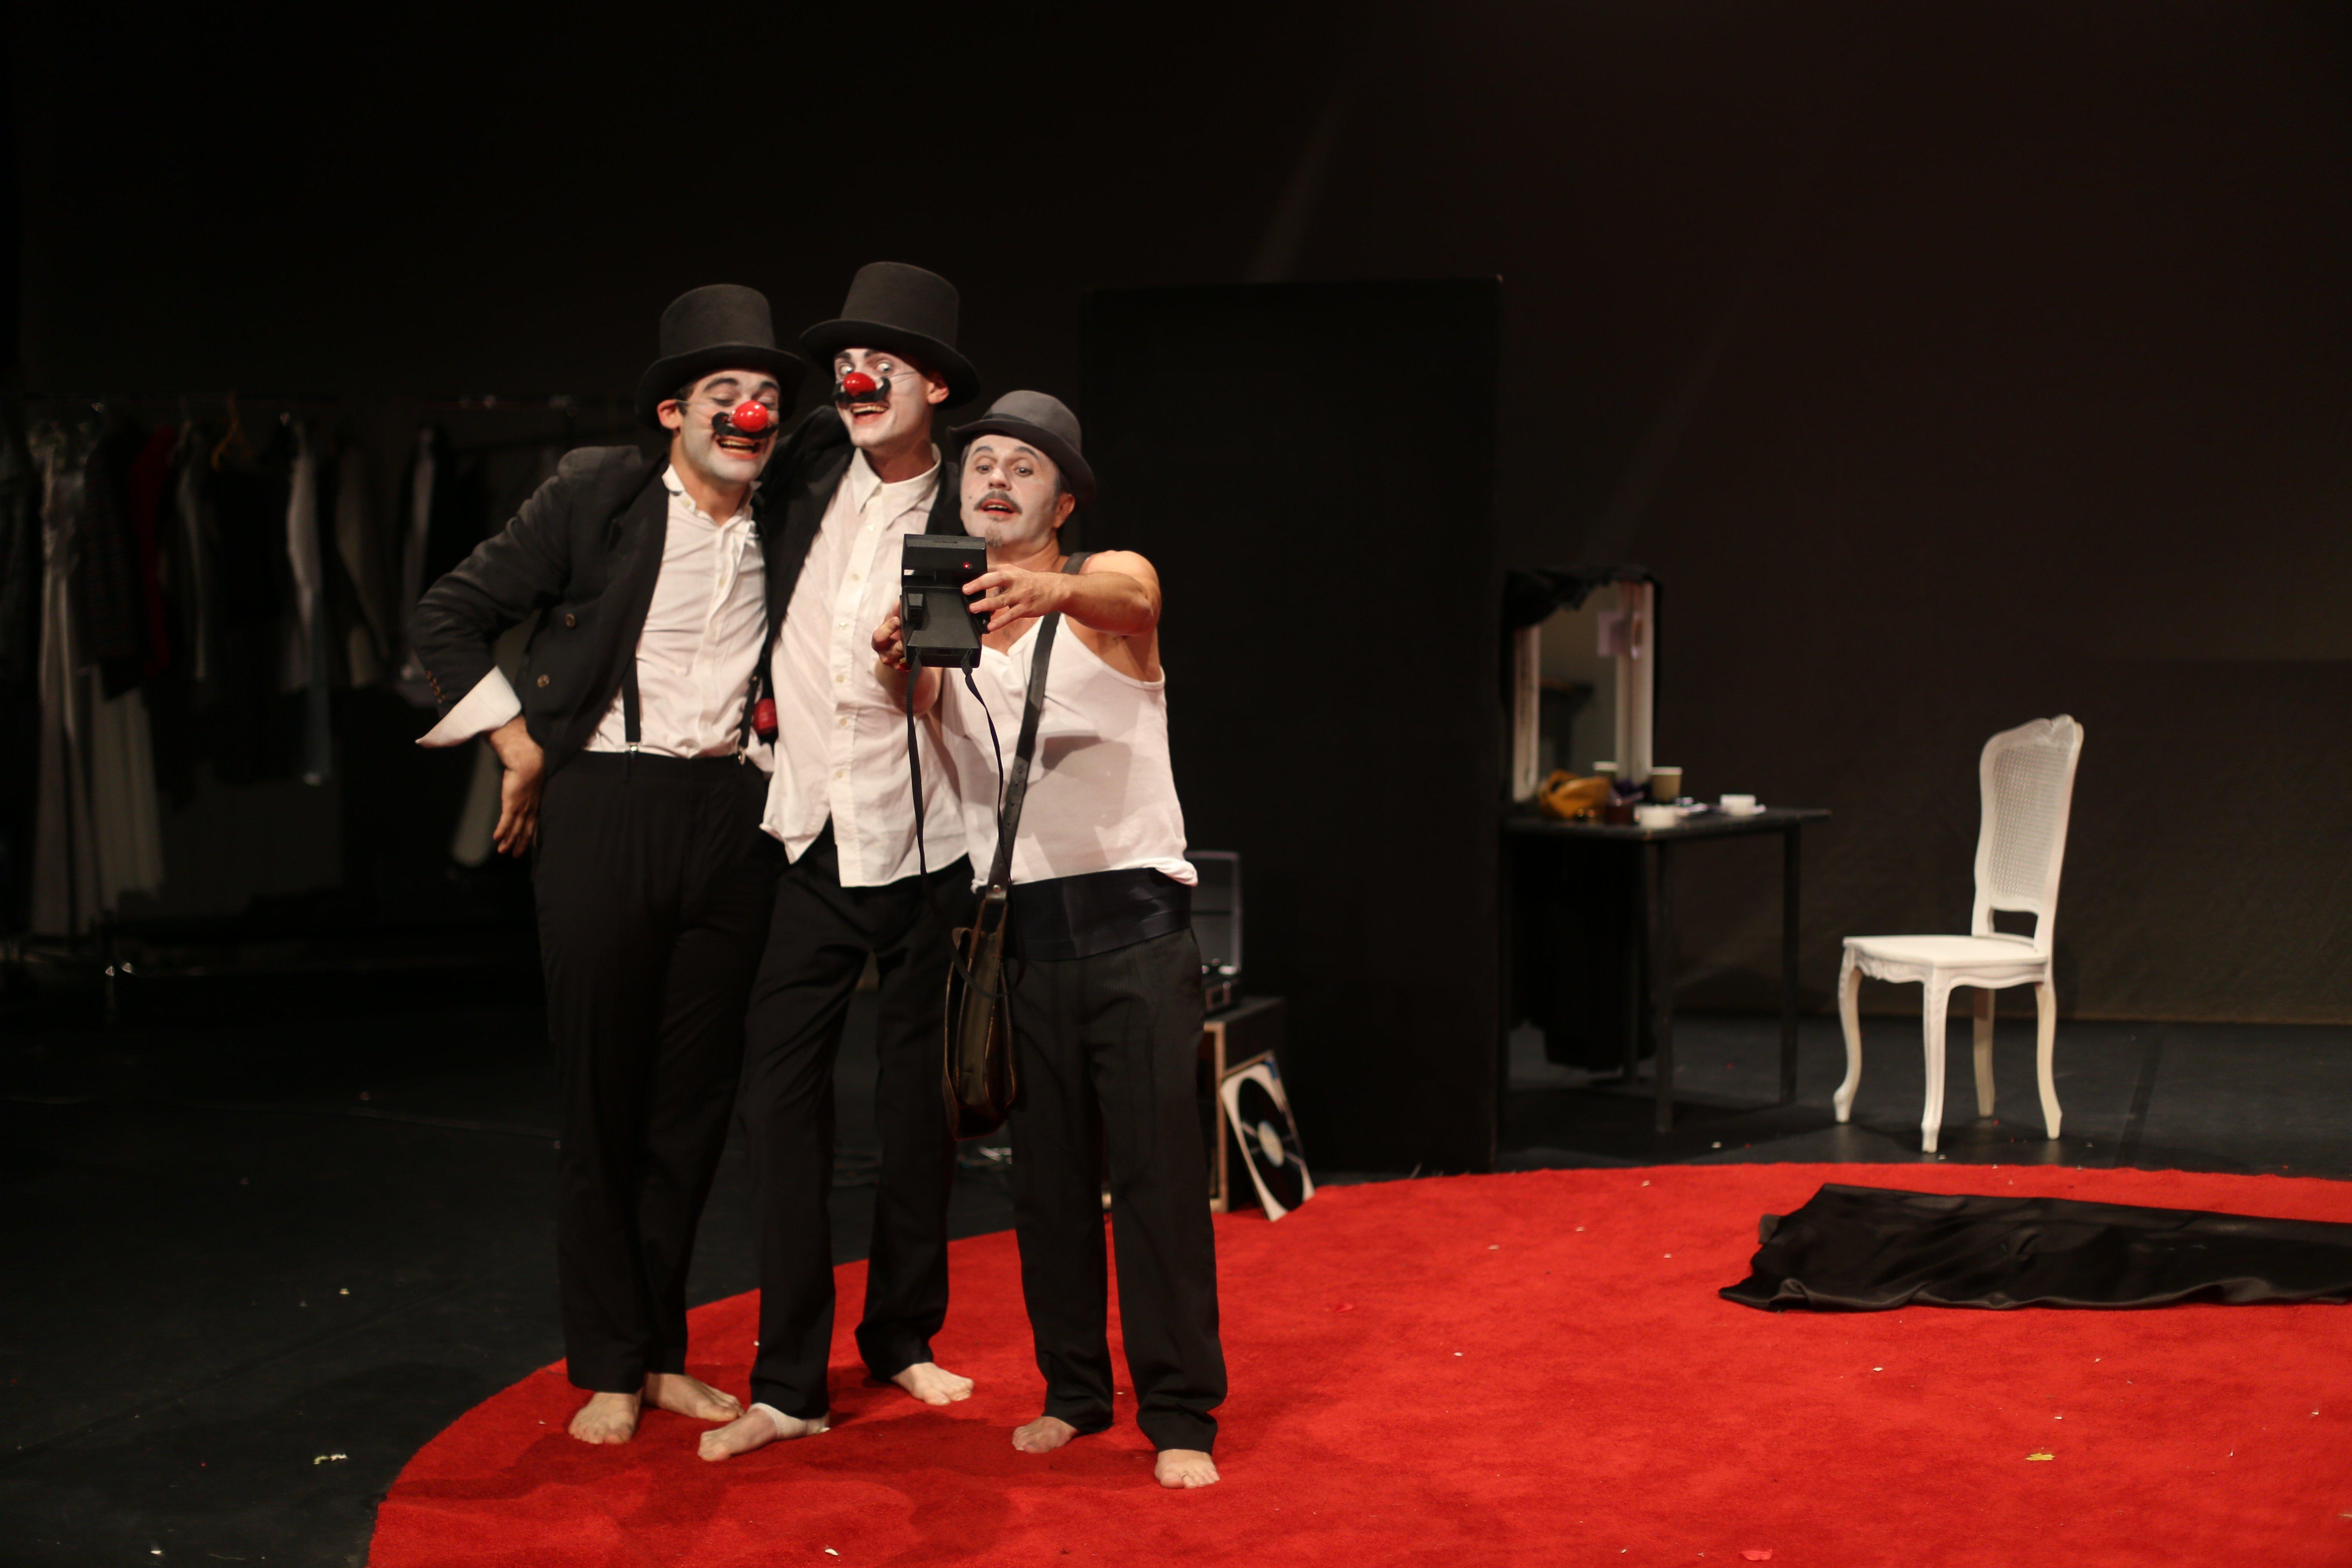 «Dom Juan … Et Les Clowns», Ou Quand Rire Crée Du Lien Social.